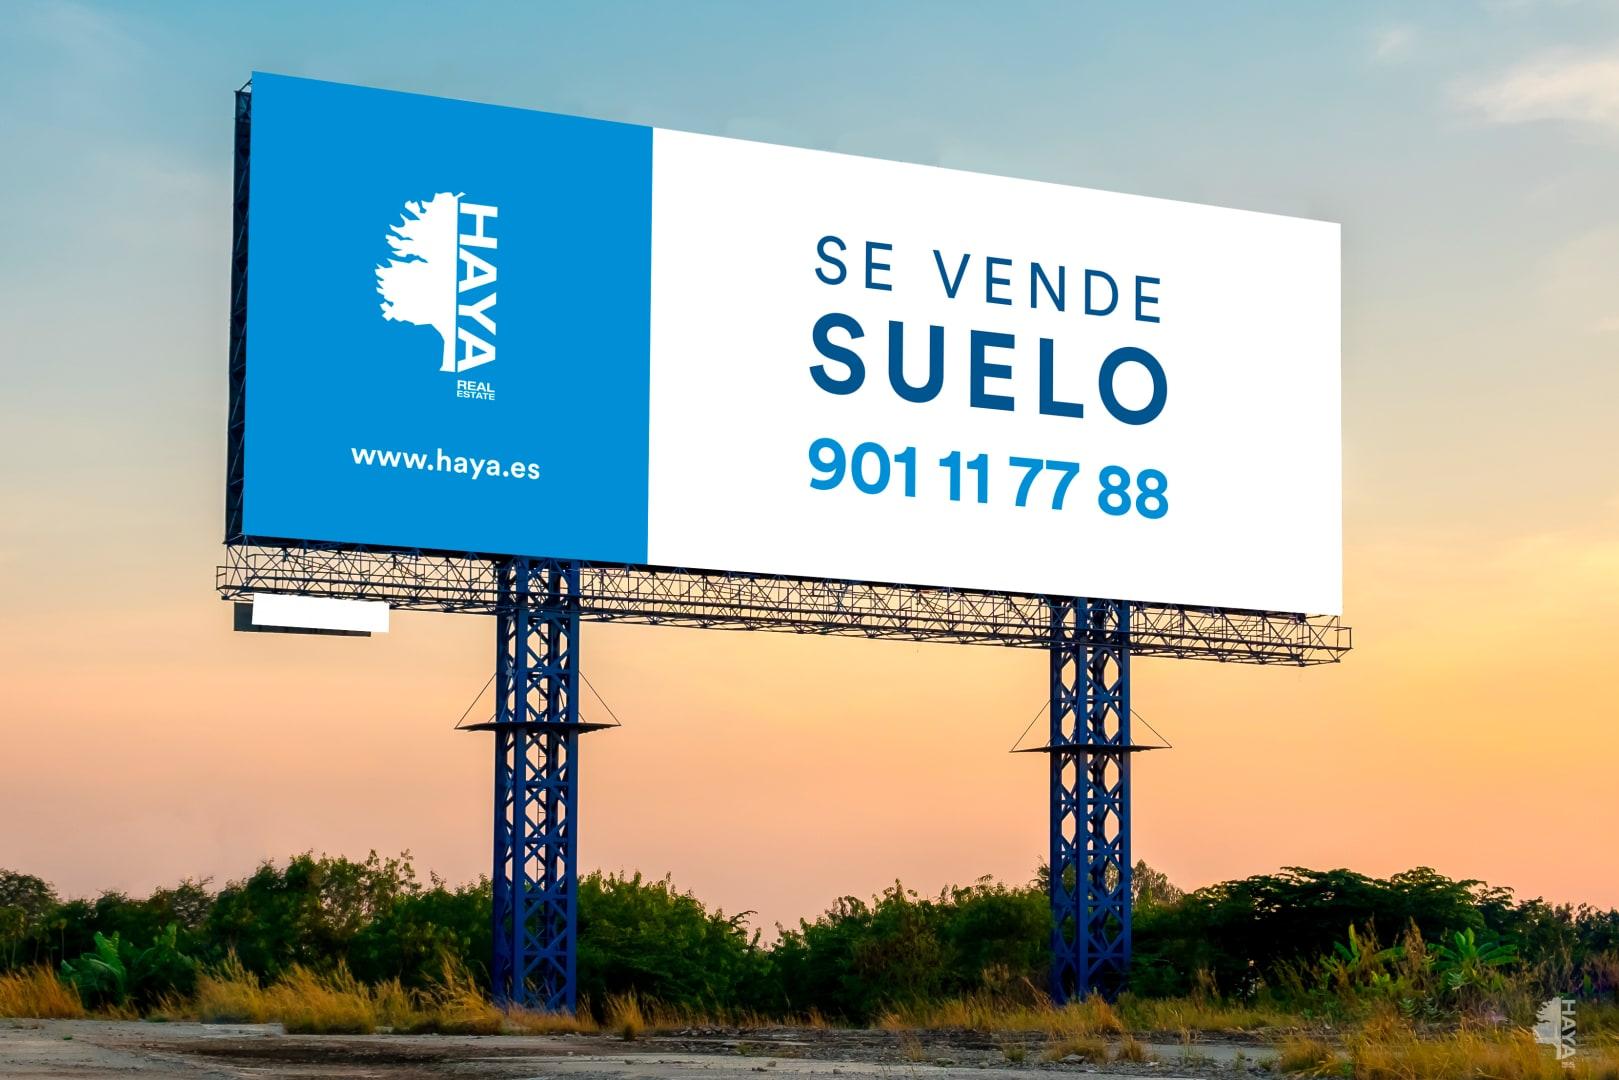 Suelo en venta en Illescas, Toledo, Calle A1s1 Y A1st, 6.429.441 €, 38607 m2